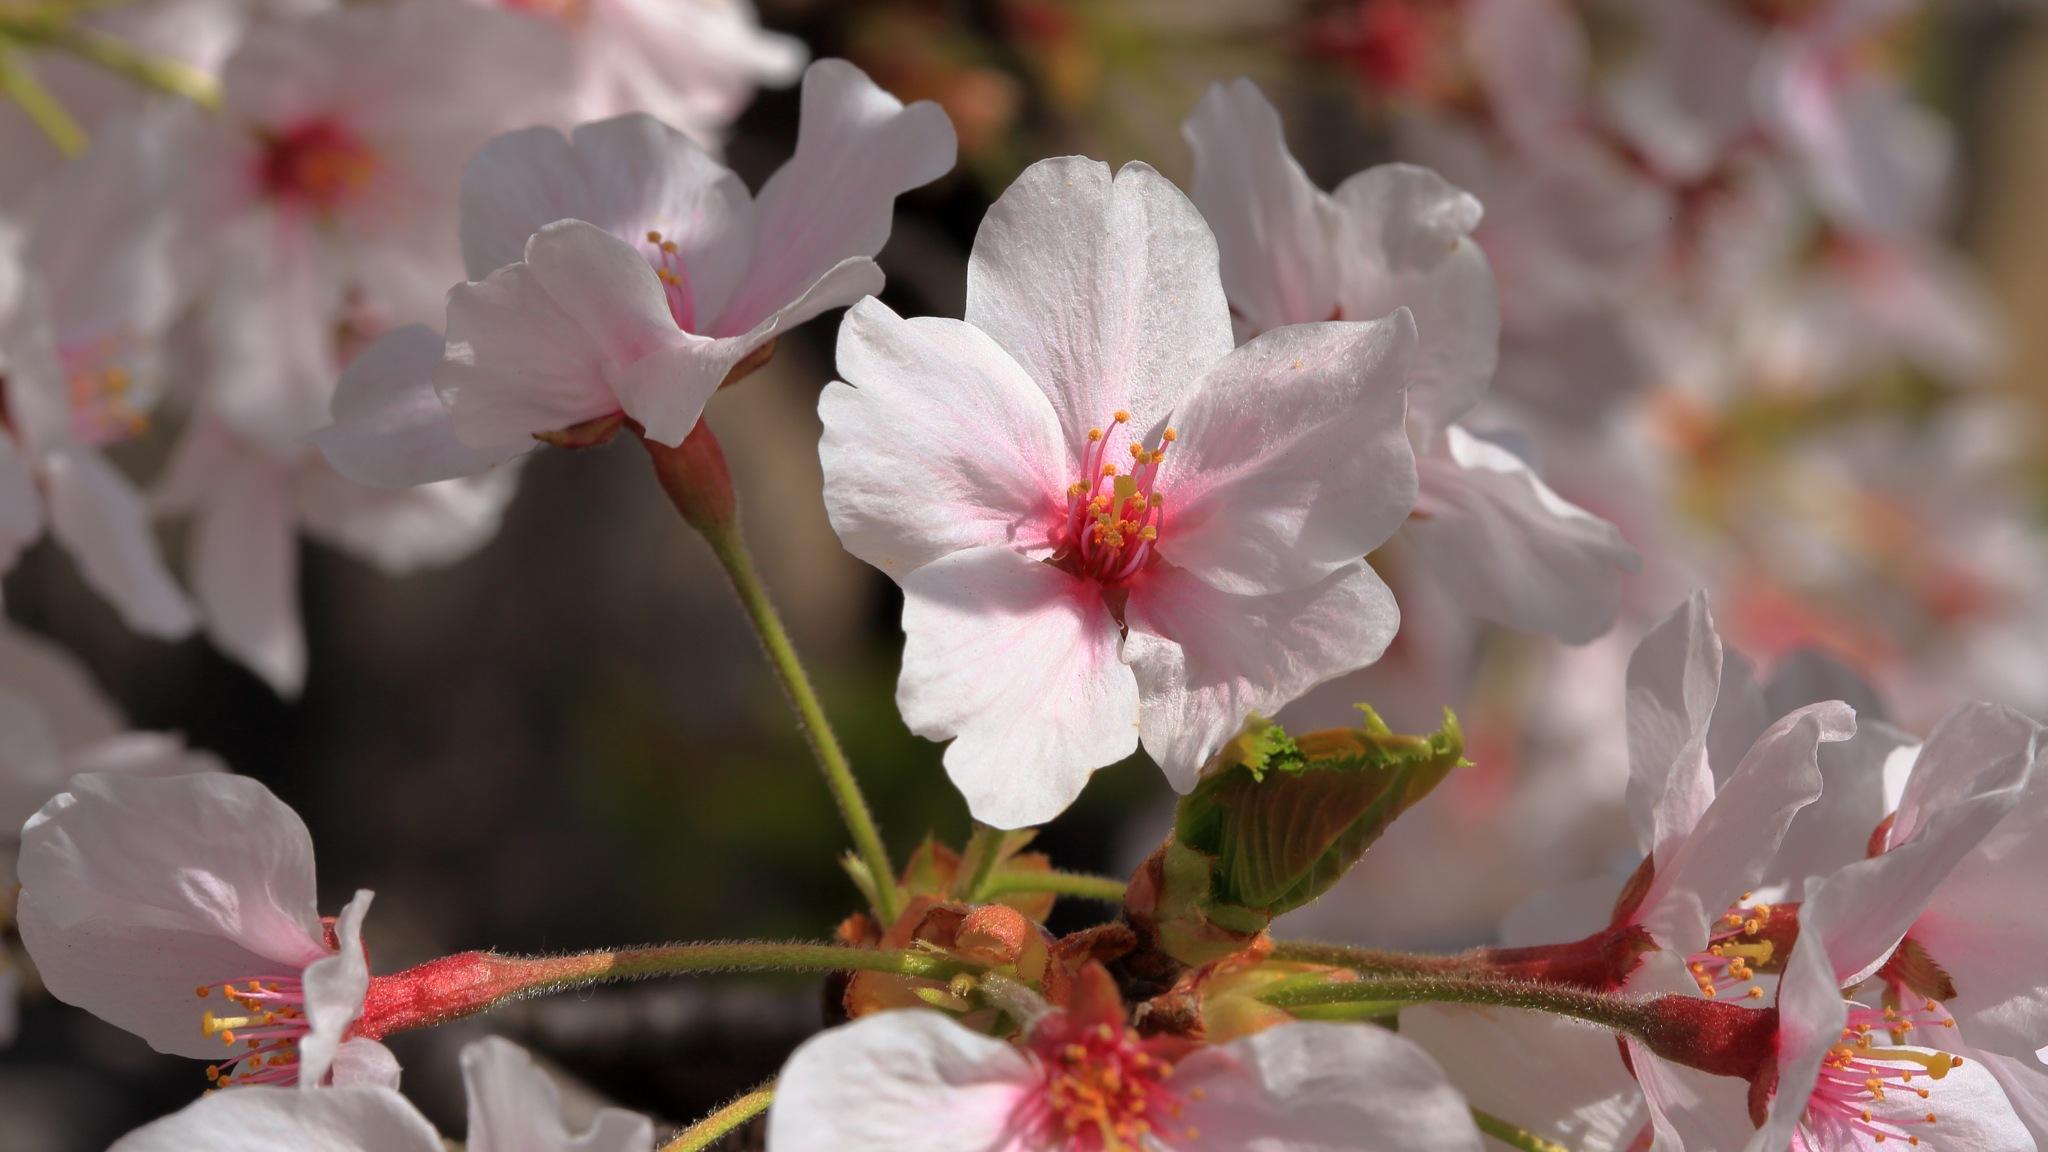 Cherry blossom by leecj0129